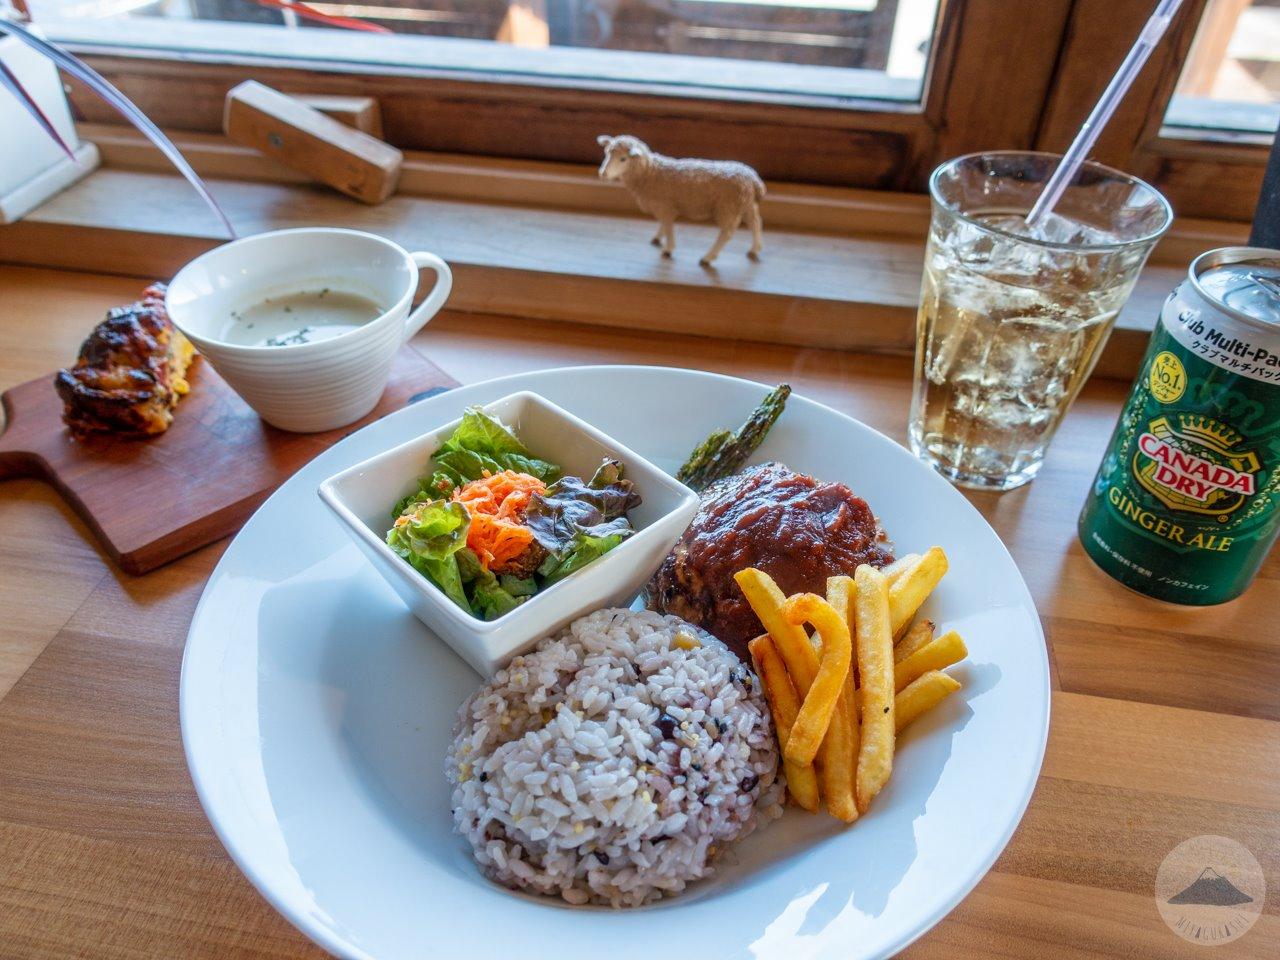 ルーモスカフェの朝霧ヨーグル豚のハンバーグセット